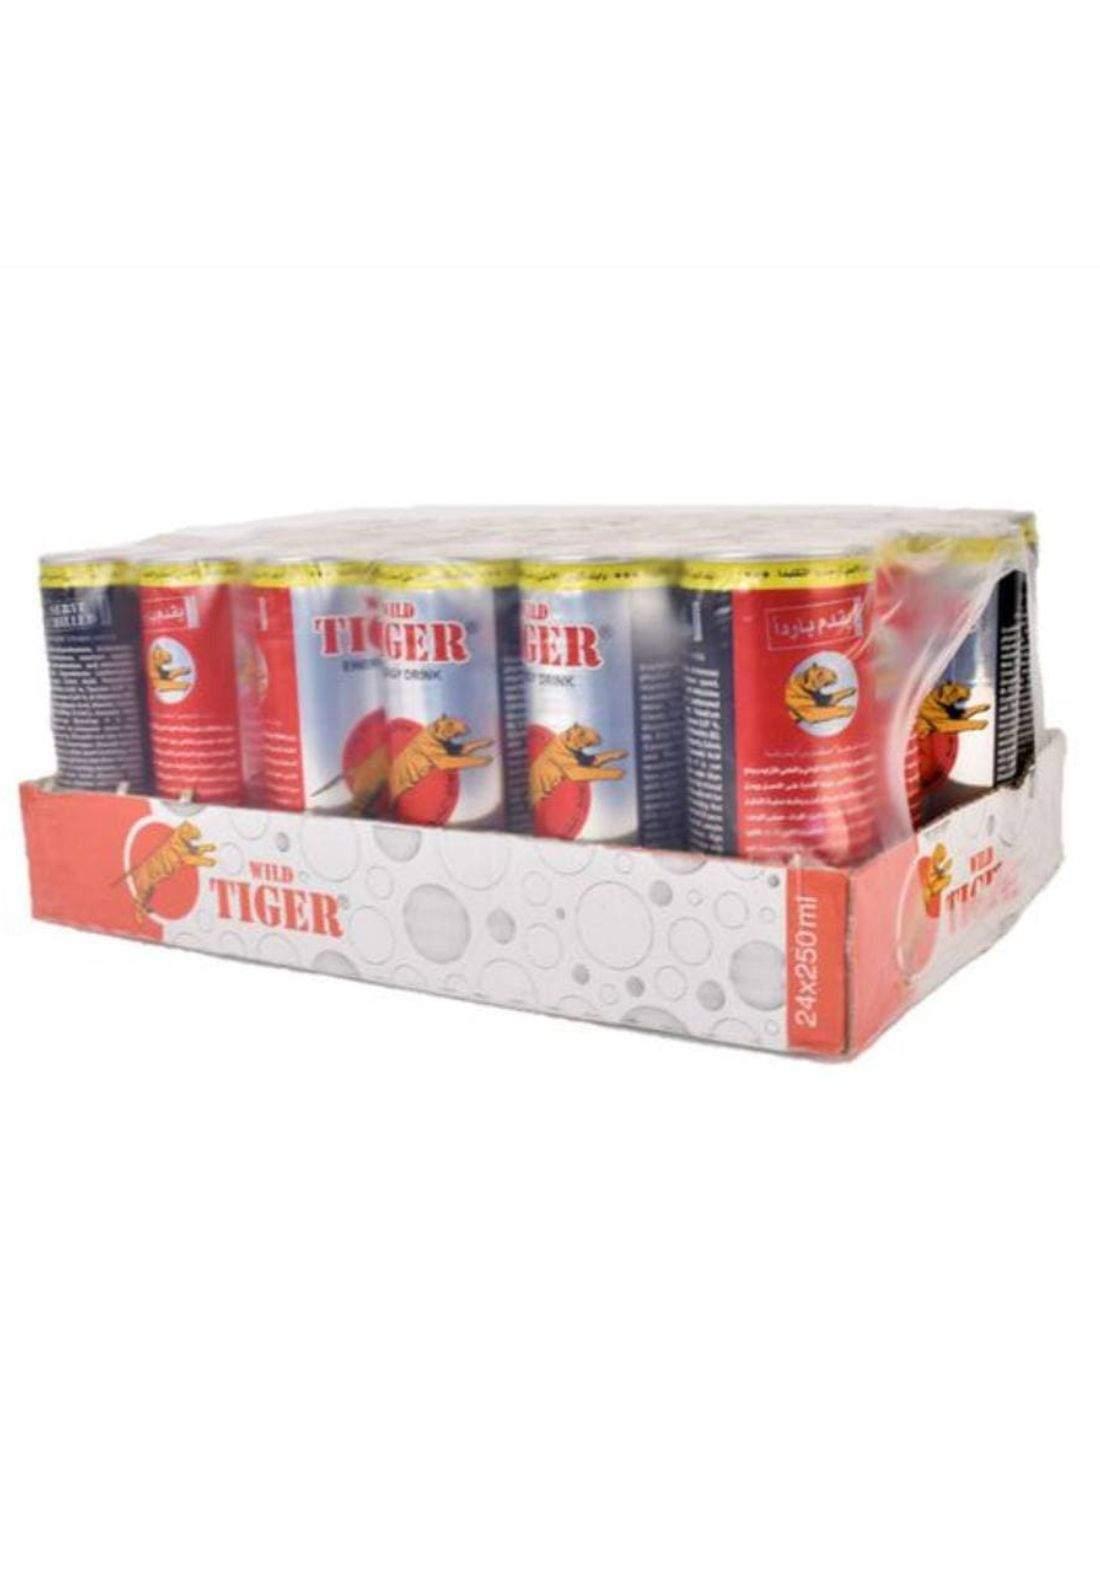 Tiger Energy Drink مشروب طاقة تايجر صندوق 24 قطعة